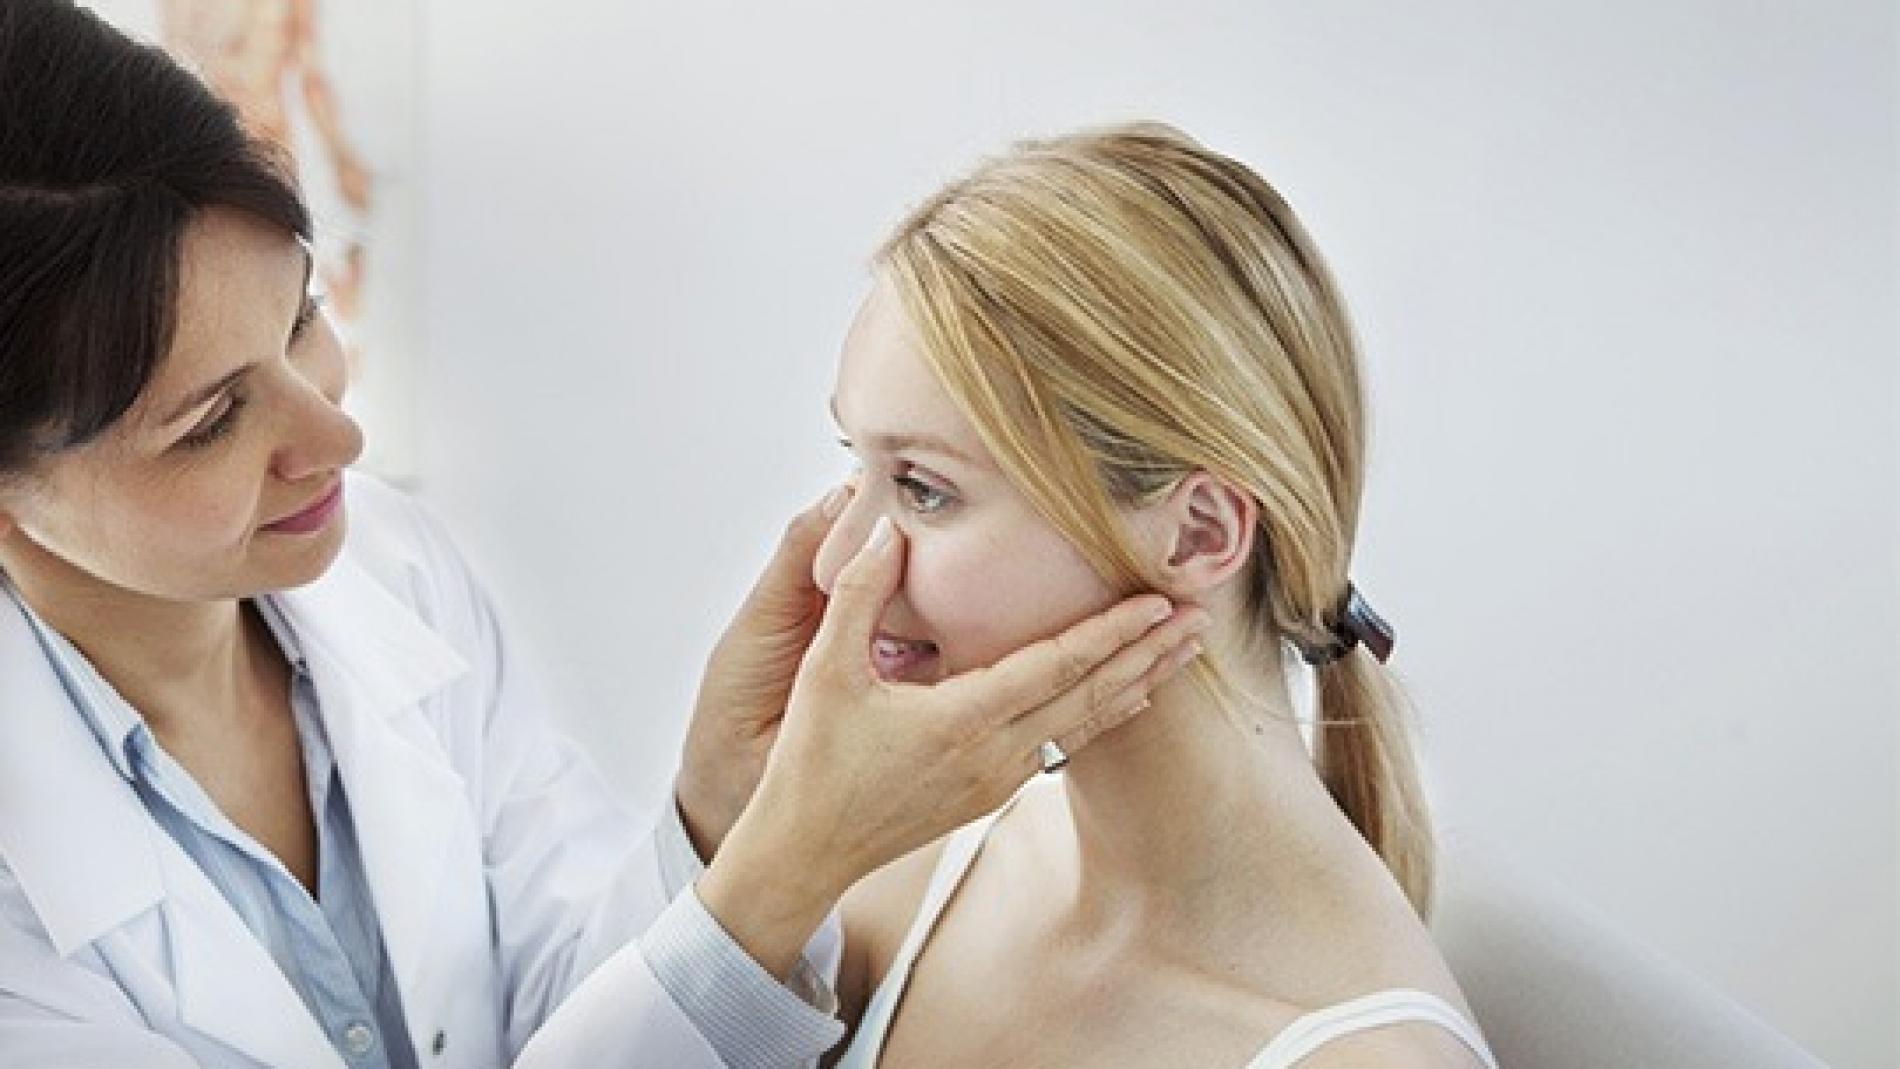 clinica de cirurgia plastica em santos dra ana lucia lemos Rinoplastia correção no nariz deve ser realizada por médico especialista em cirurgia plástica.